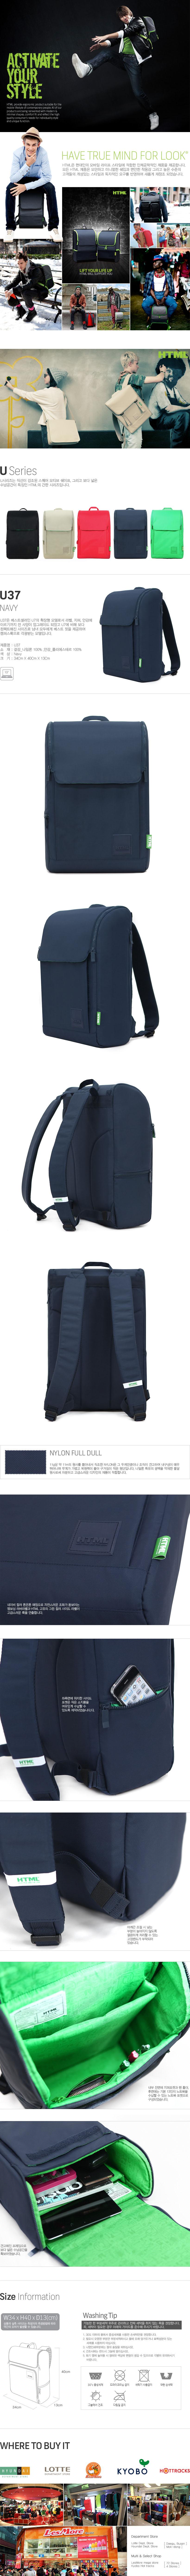 [에이치티엠엘]HTML - U37 backpack (Navy)_인기백팩